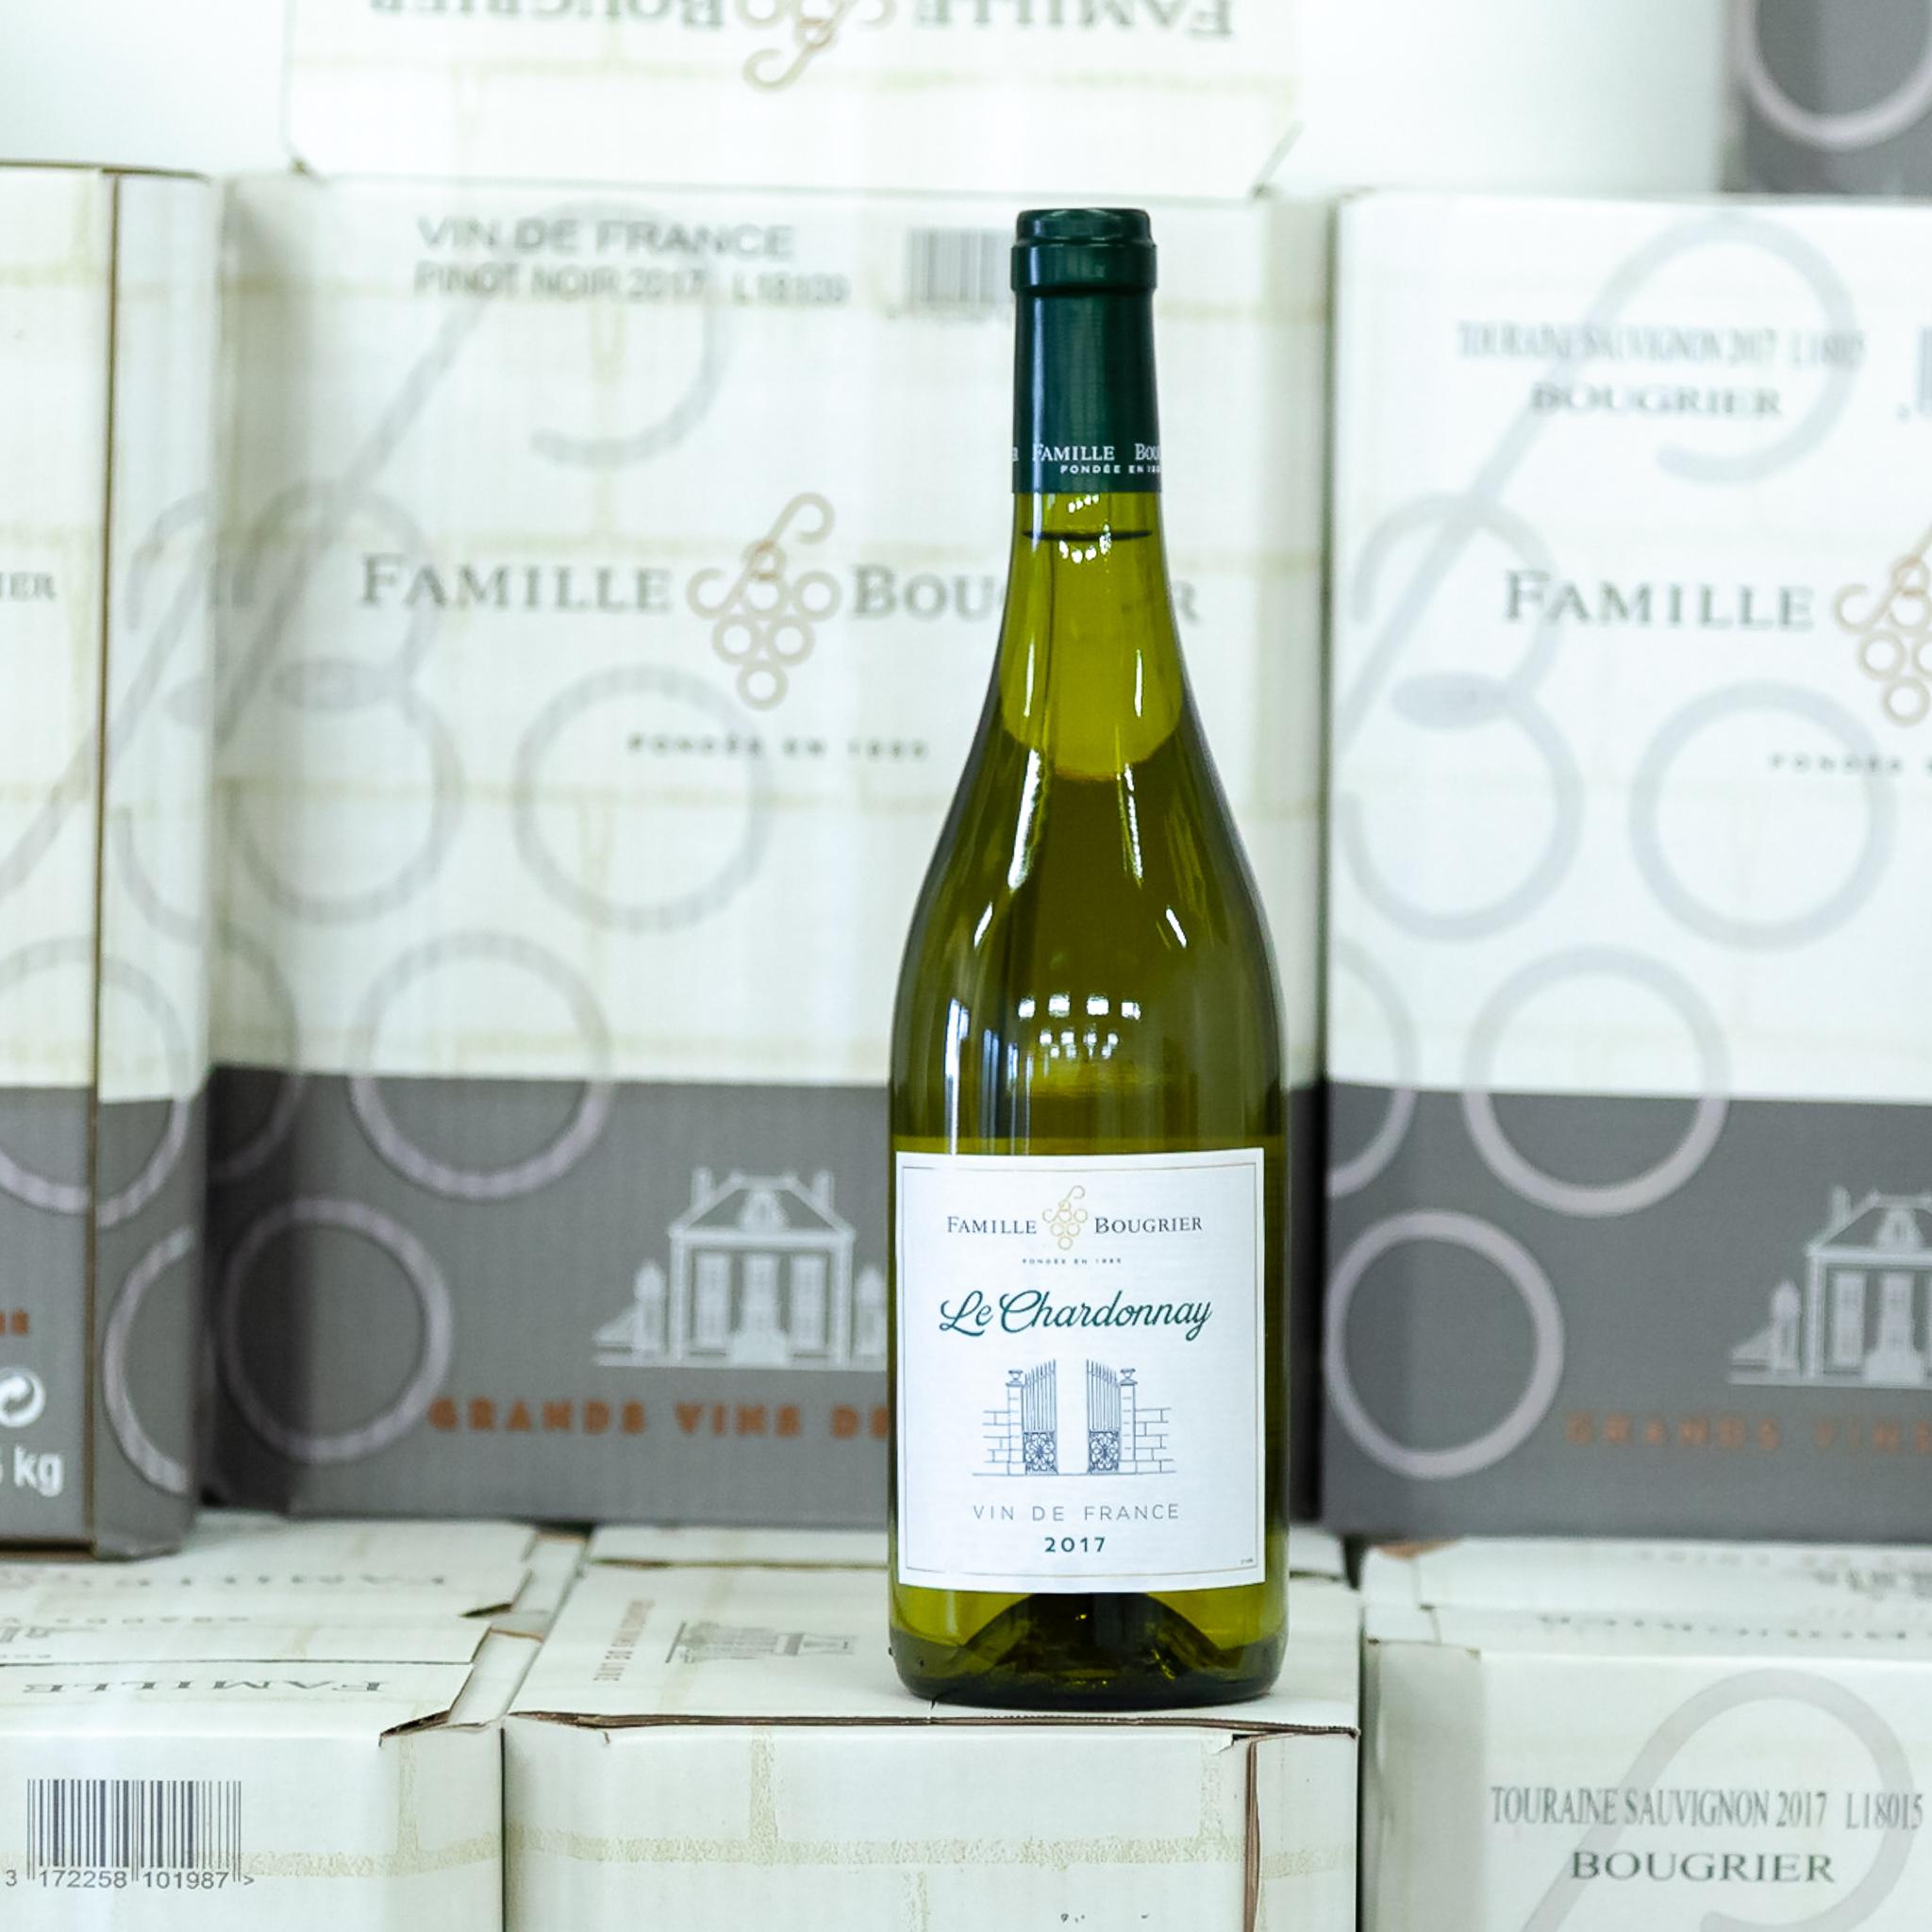 Řada vín Signature - Lehká a ovocitá vína pouze z odrůd, které jsou tradiční pro údolí Loiry. Jedná se o vína Vin de France, proto hrozny můžou být i z jiných oblastí.- Sauvignon-Chardonnay-Pinot Noir (Rulandské modré)